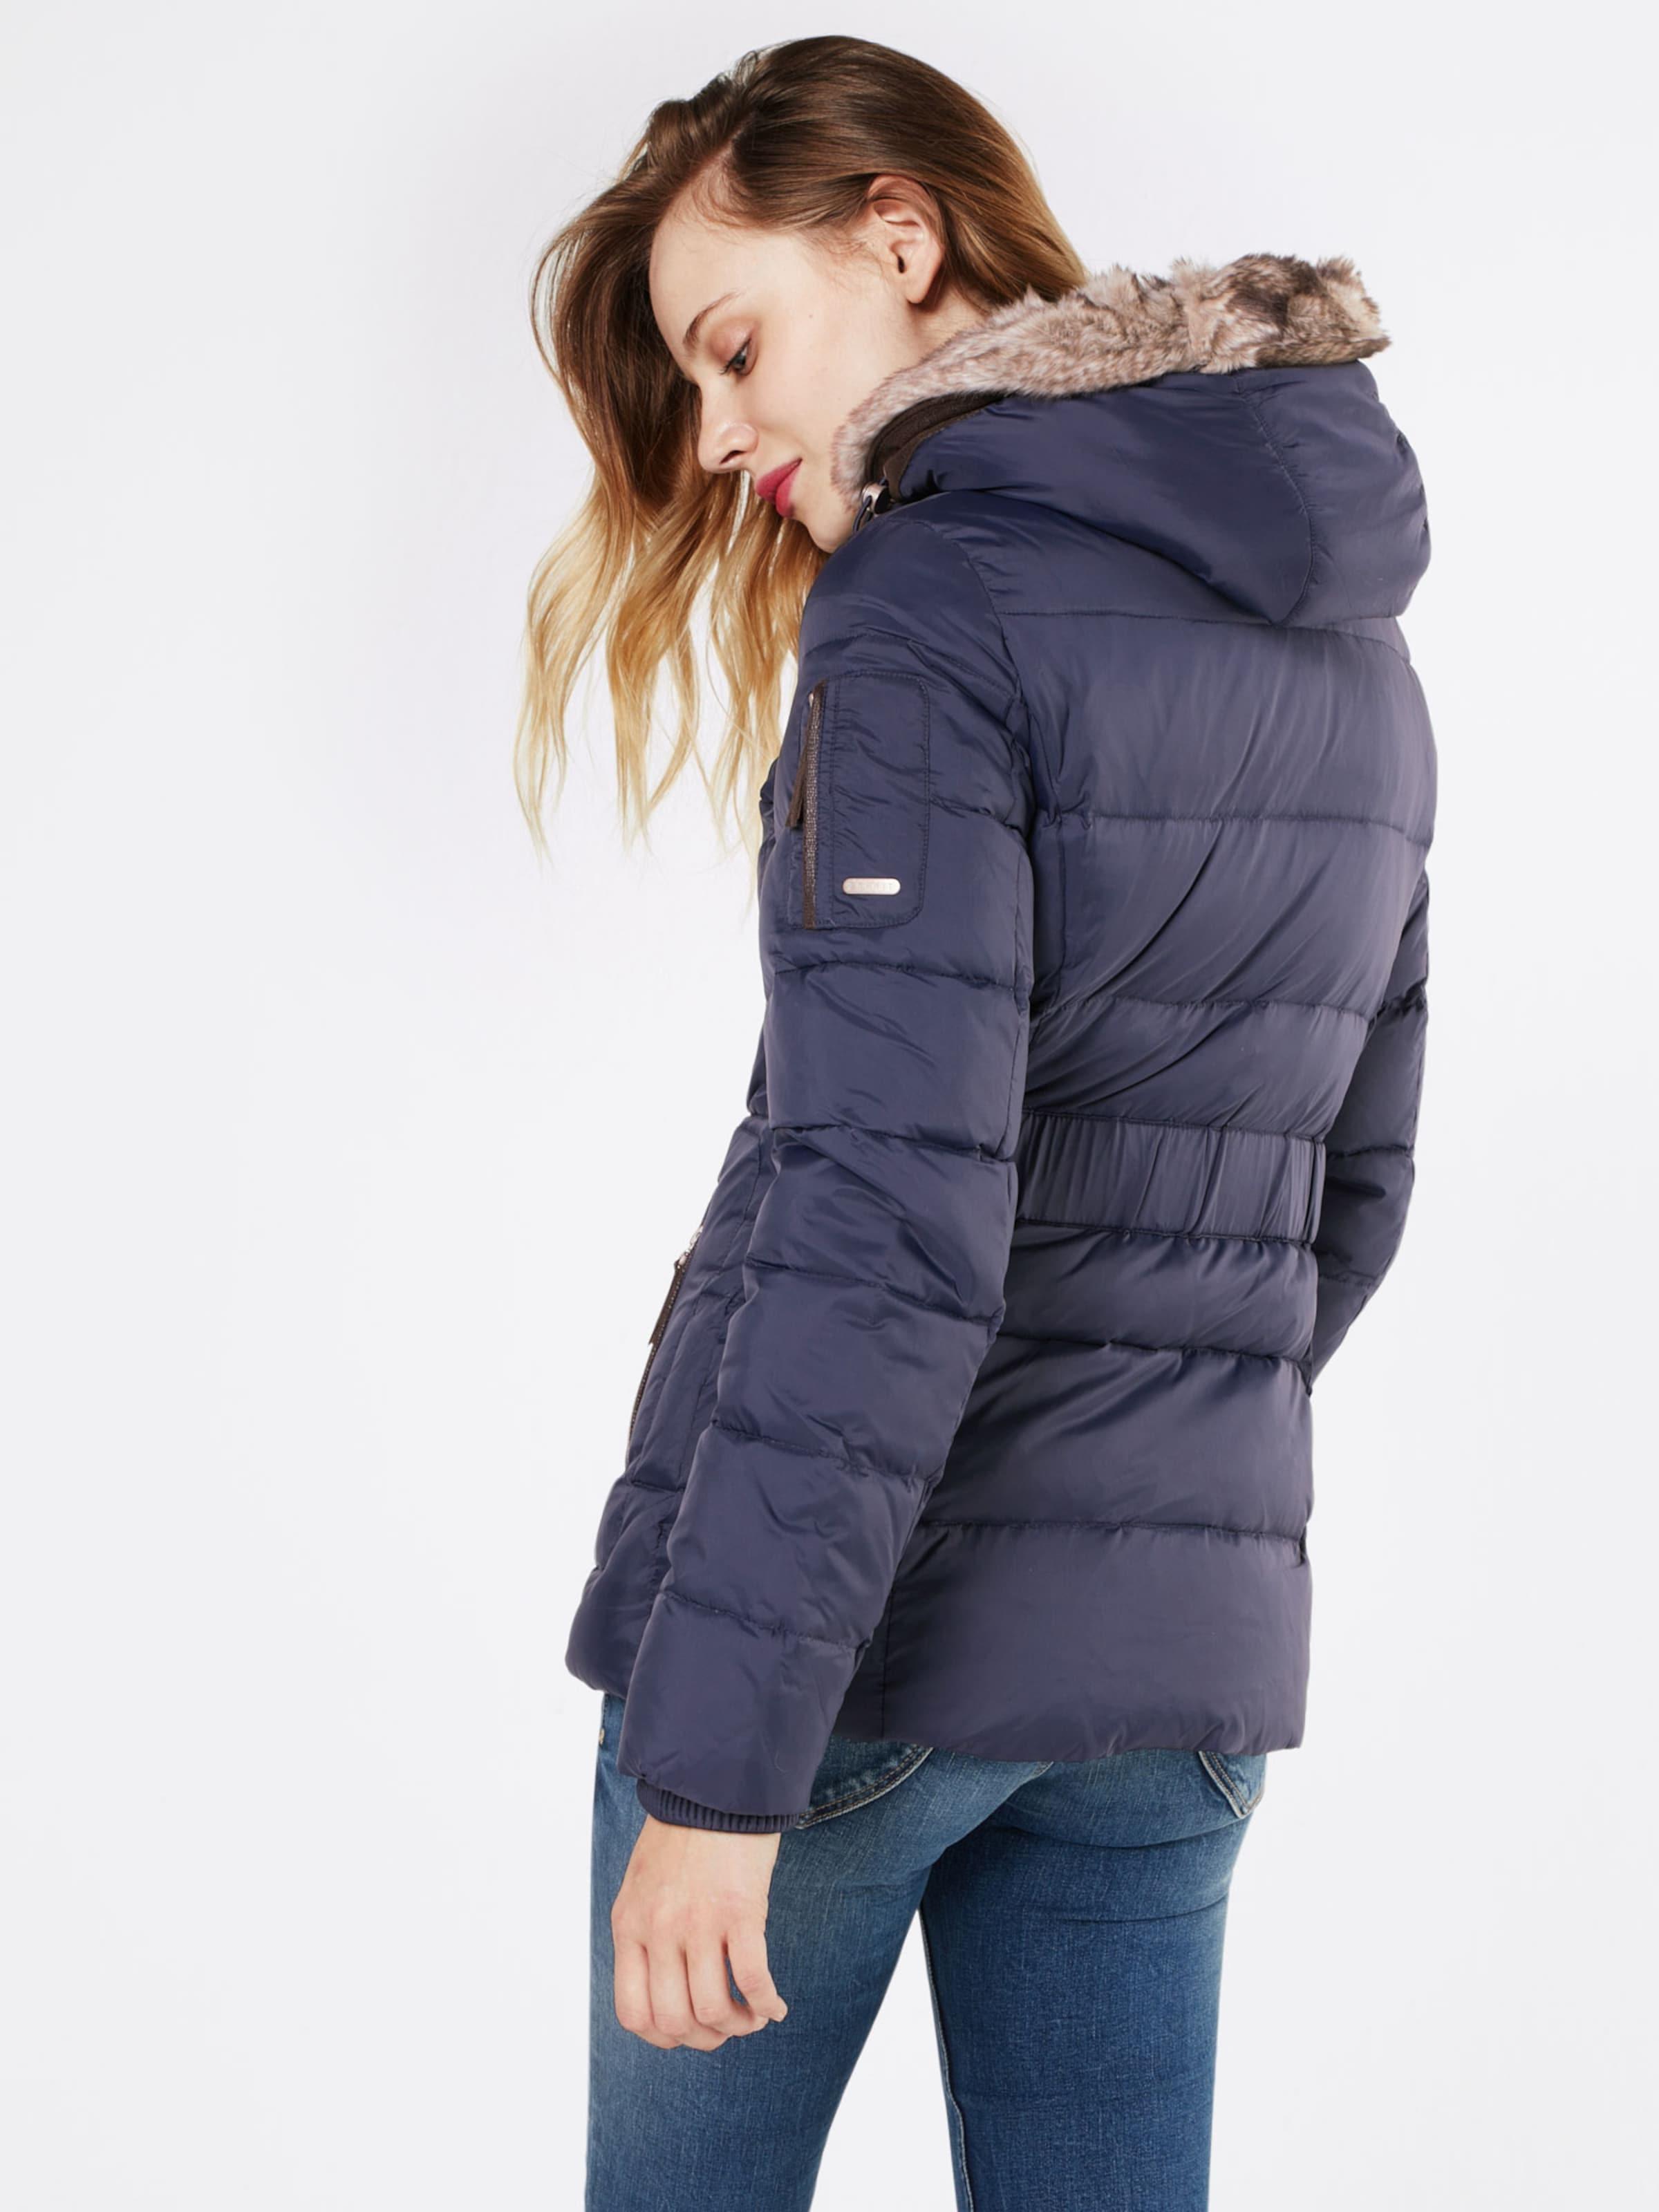 ESPRIT Winterjacke mit Kunstfell-Kapuze 'RDS' Gefälschte Online-Verkauf gmoLCcav